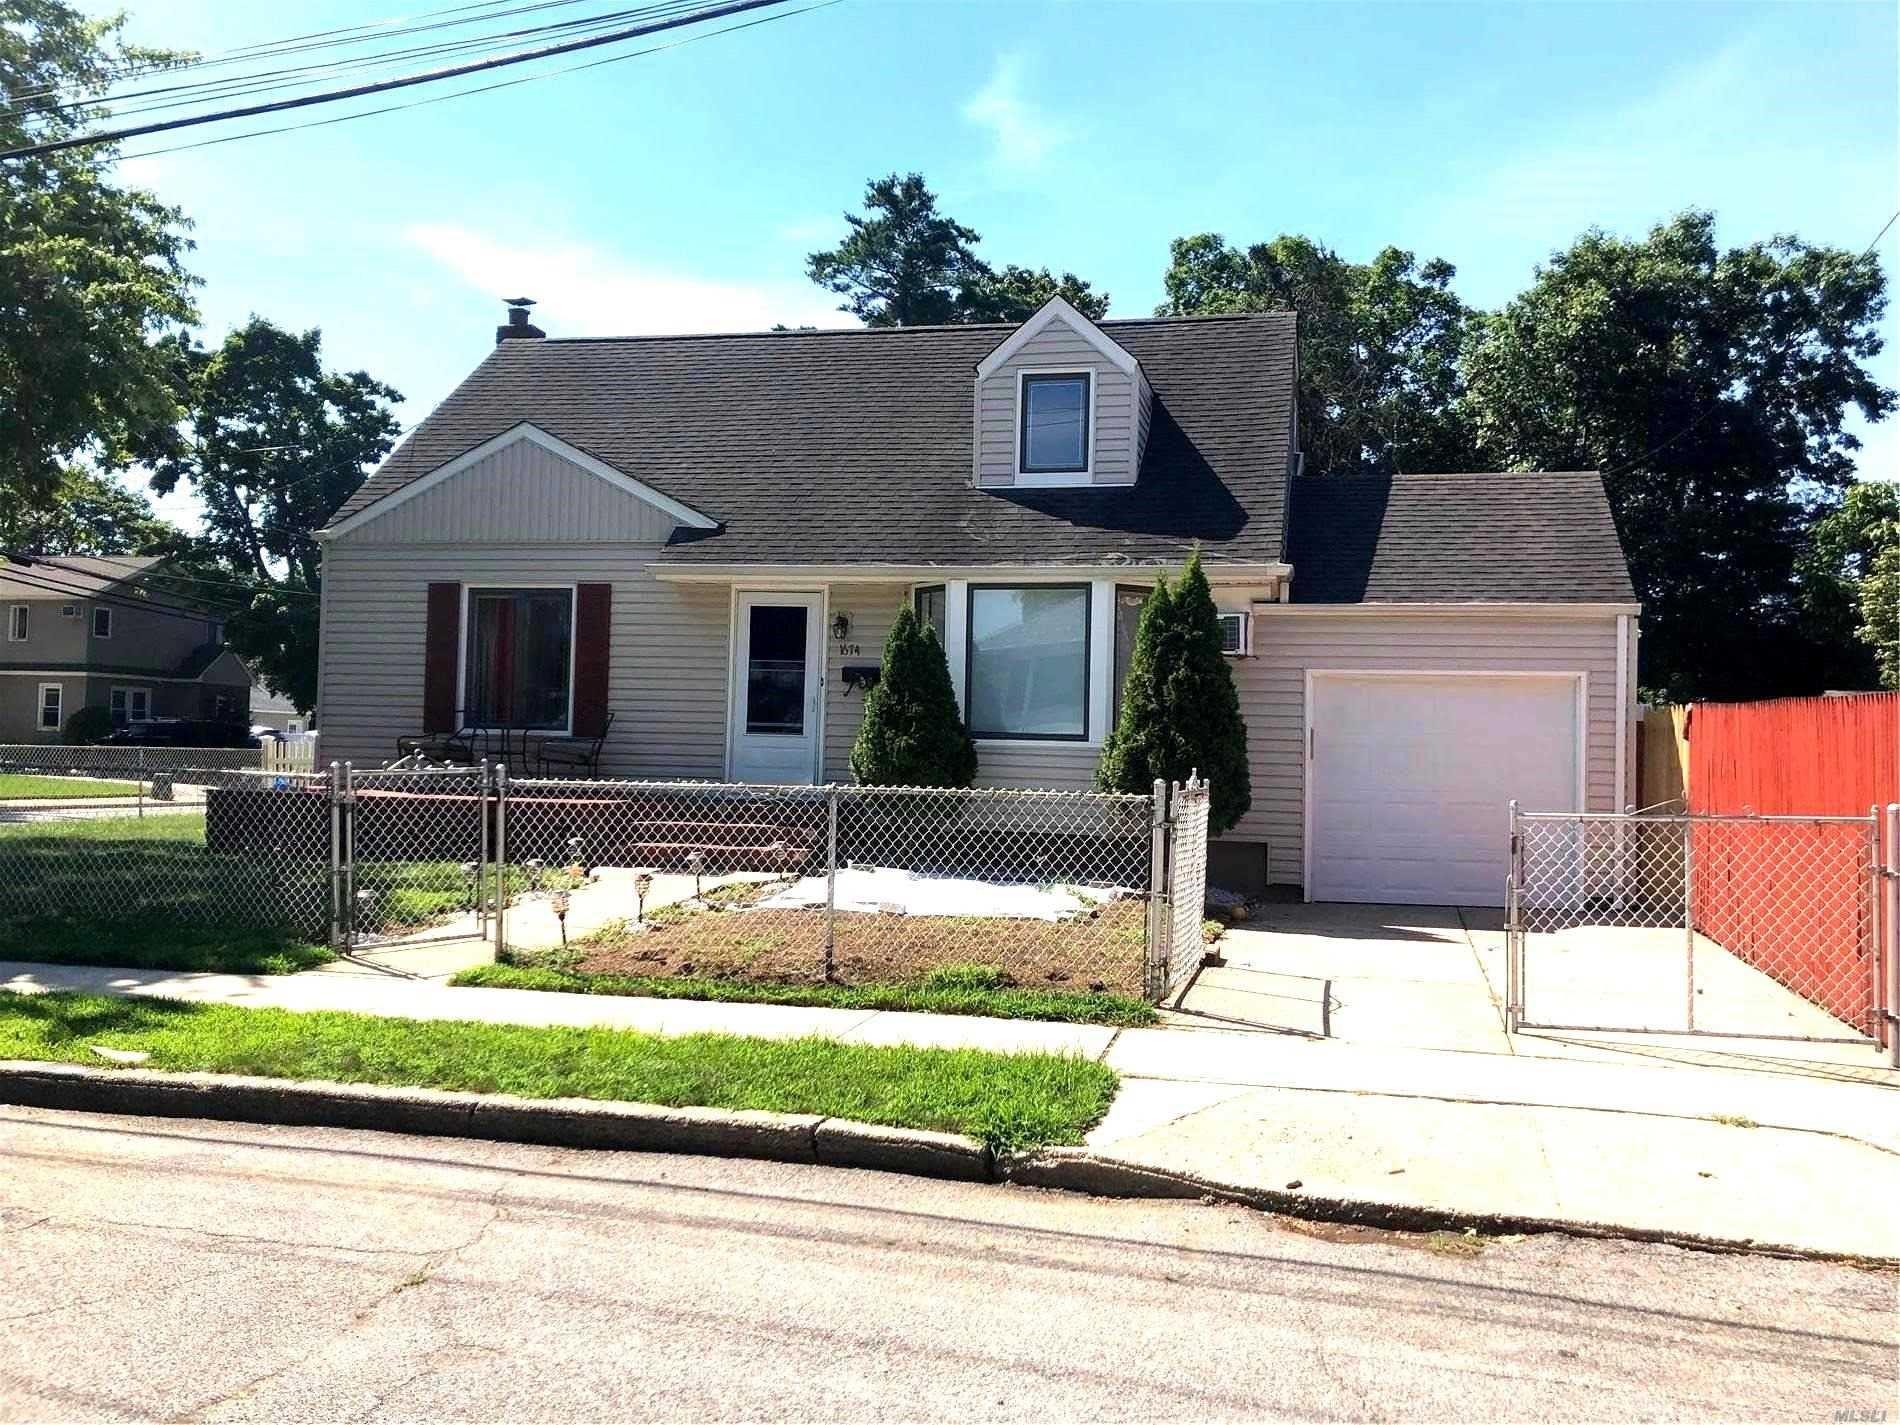 1674 Charles Street, Merrick, NY 11566 - MLS#: 3238800